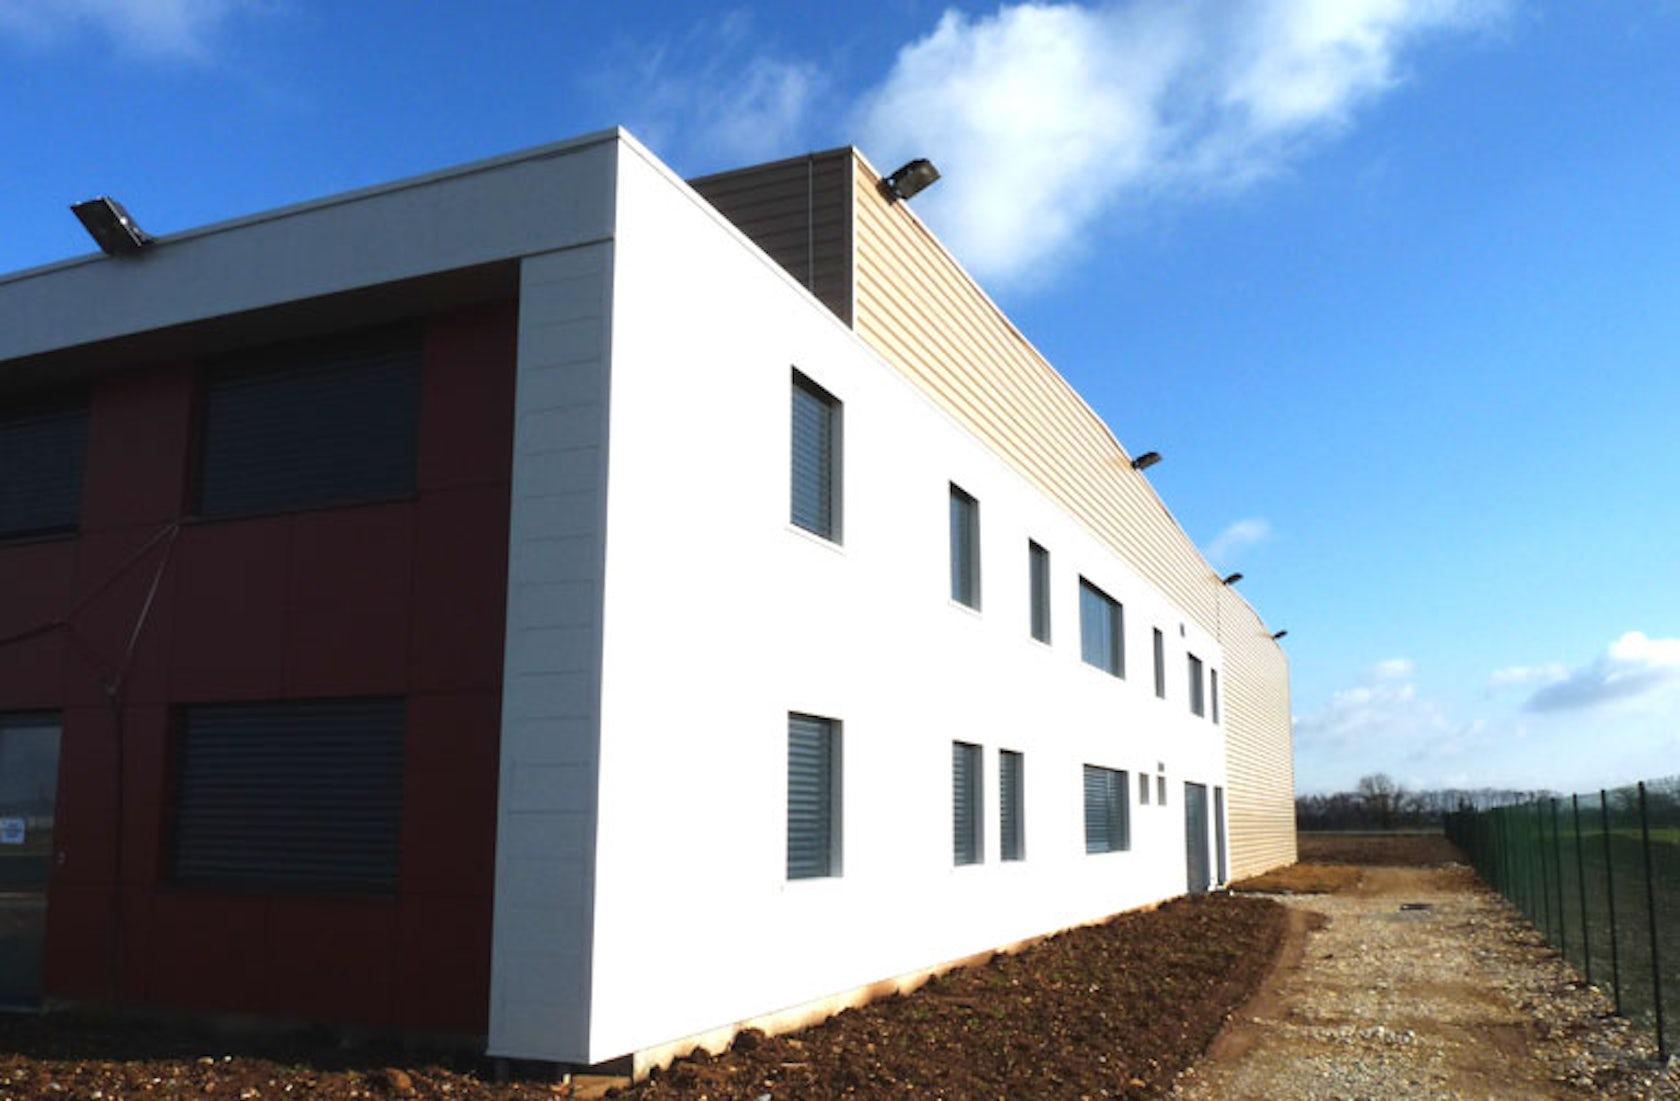 B timent industriel architizer - Construire un batiment industriel ...